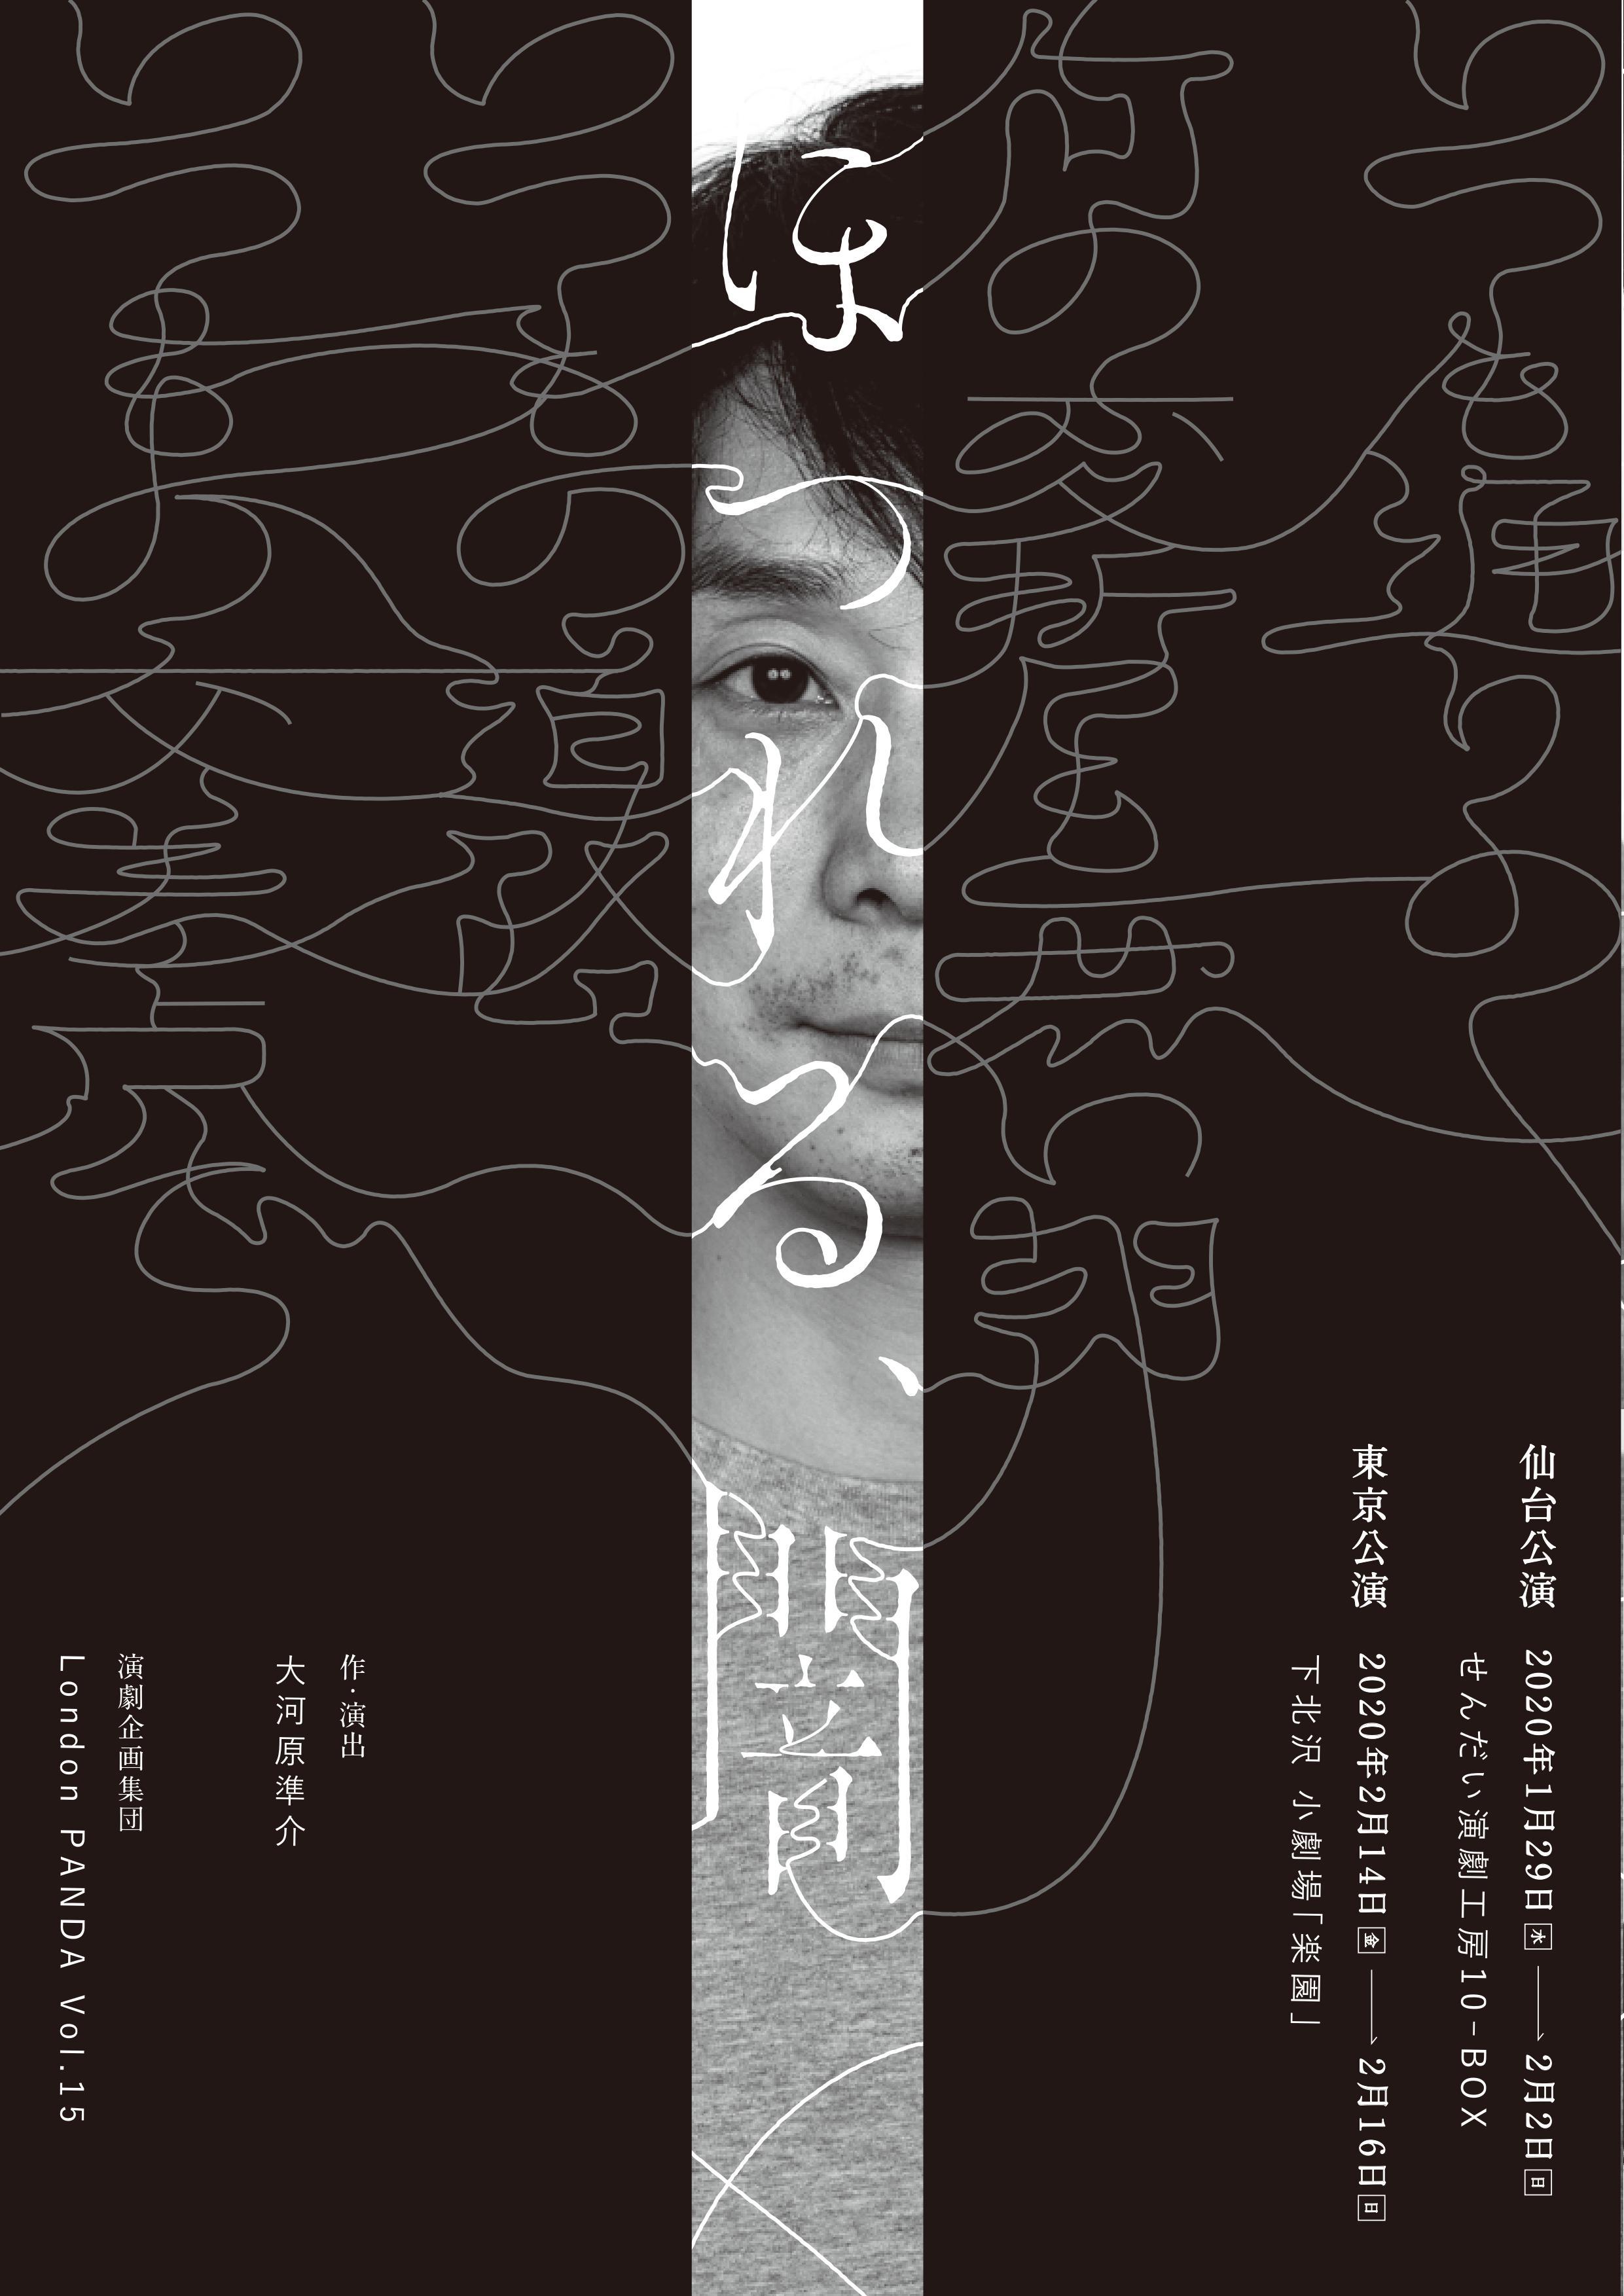 [東京]2/16(日)13時|演劇企画集団LondonPANDA『ほつれる、闇』